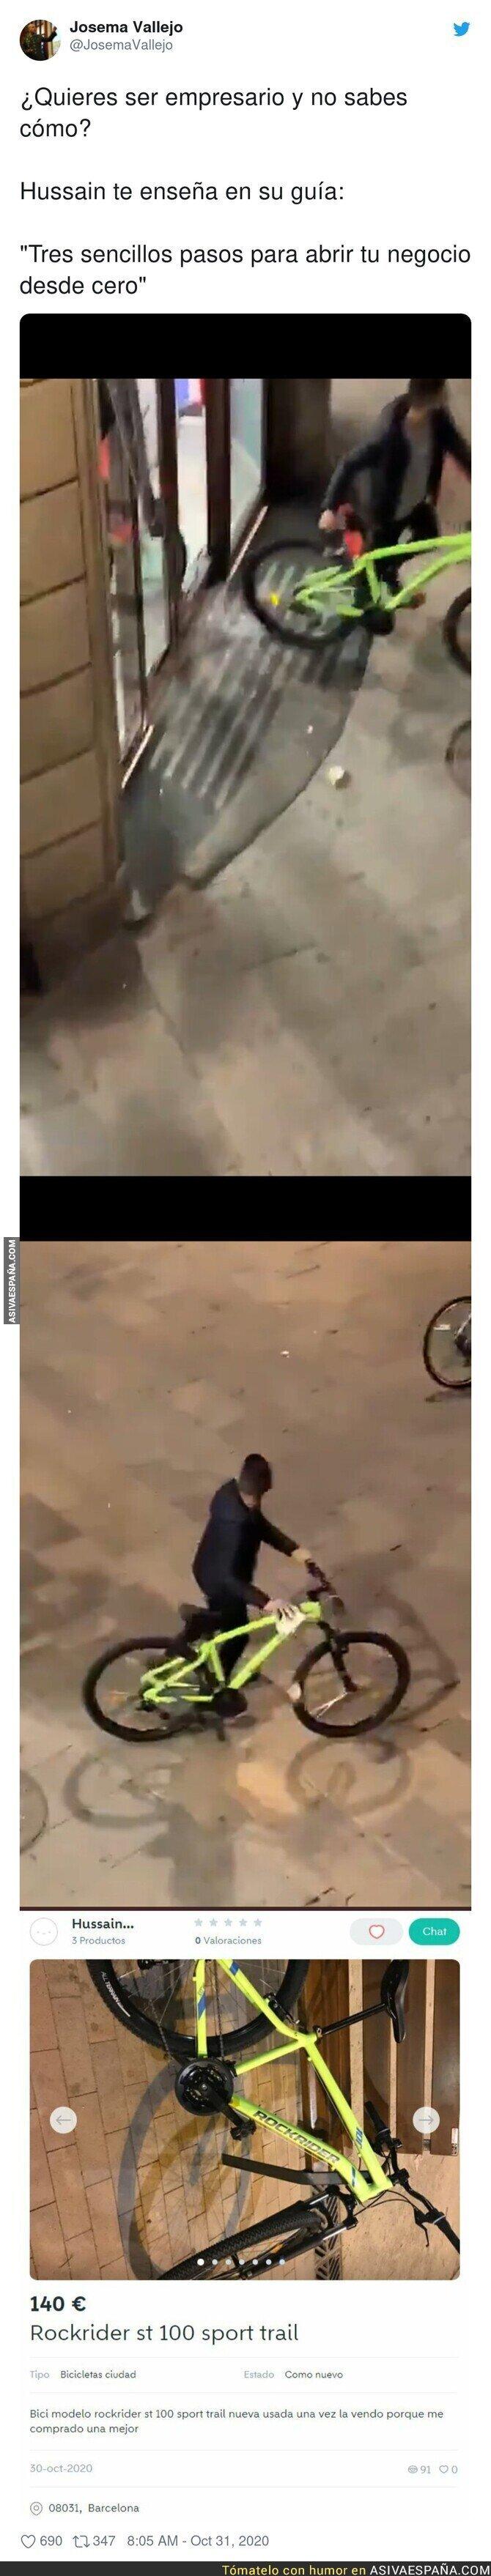 442248 - Pillan a uno de los vándalos de Barcelona robando una bici y más tarde intentándola vender en Wallapop